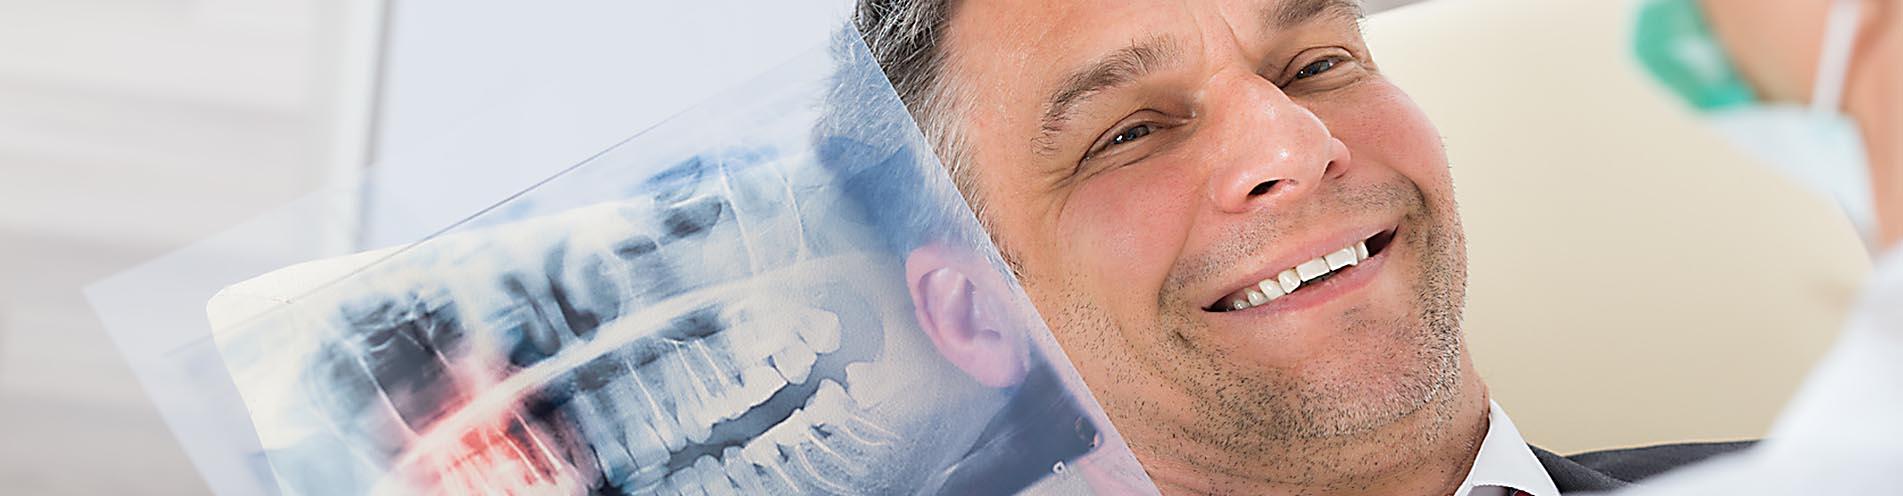 slider-3-zahnarzt-kassel-goettingen-hofgeismar-zahnimplantate-prophylaxe-zahnersatz